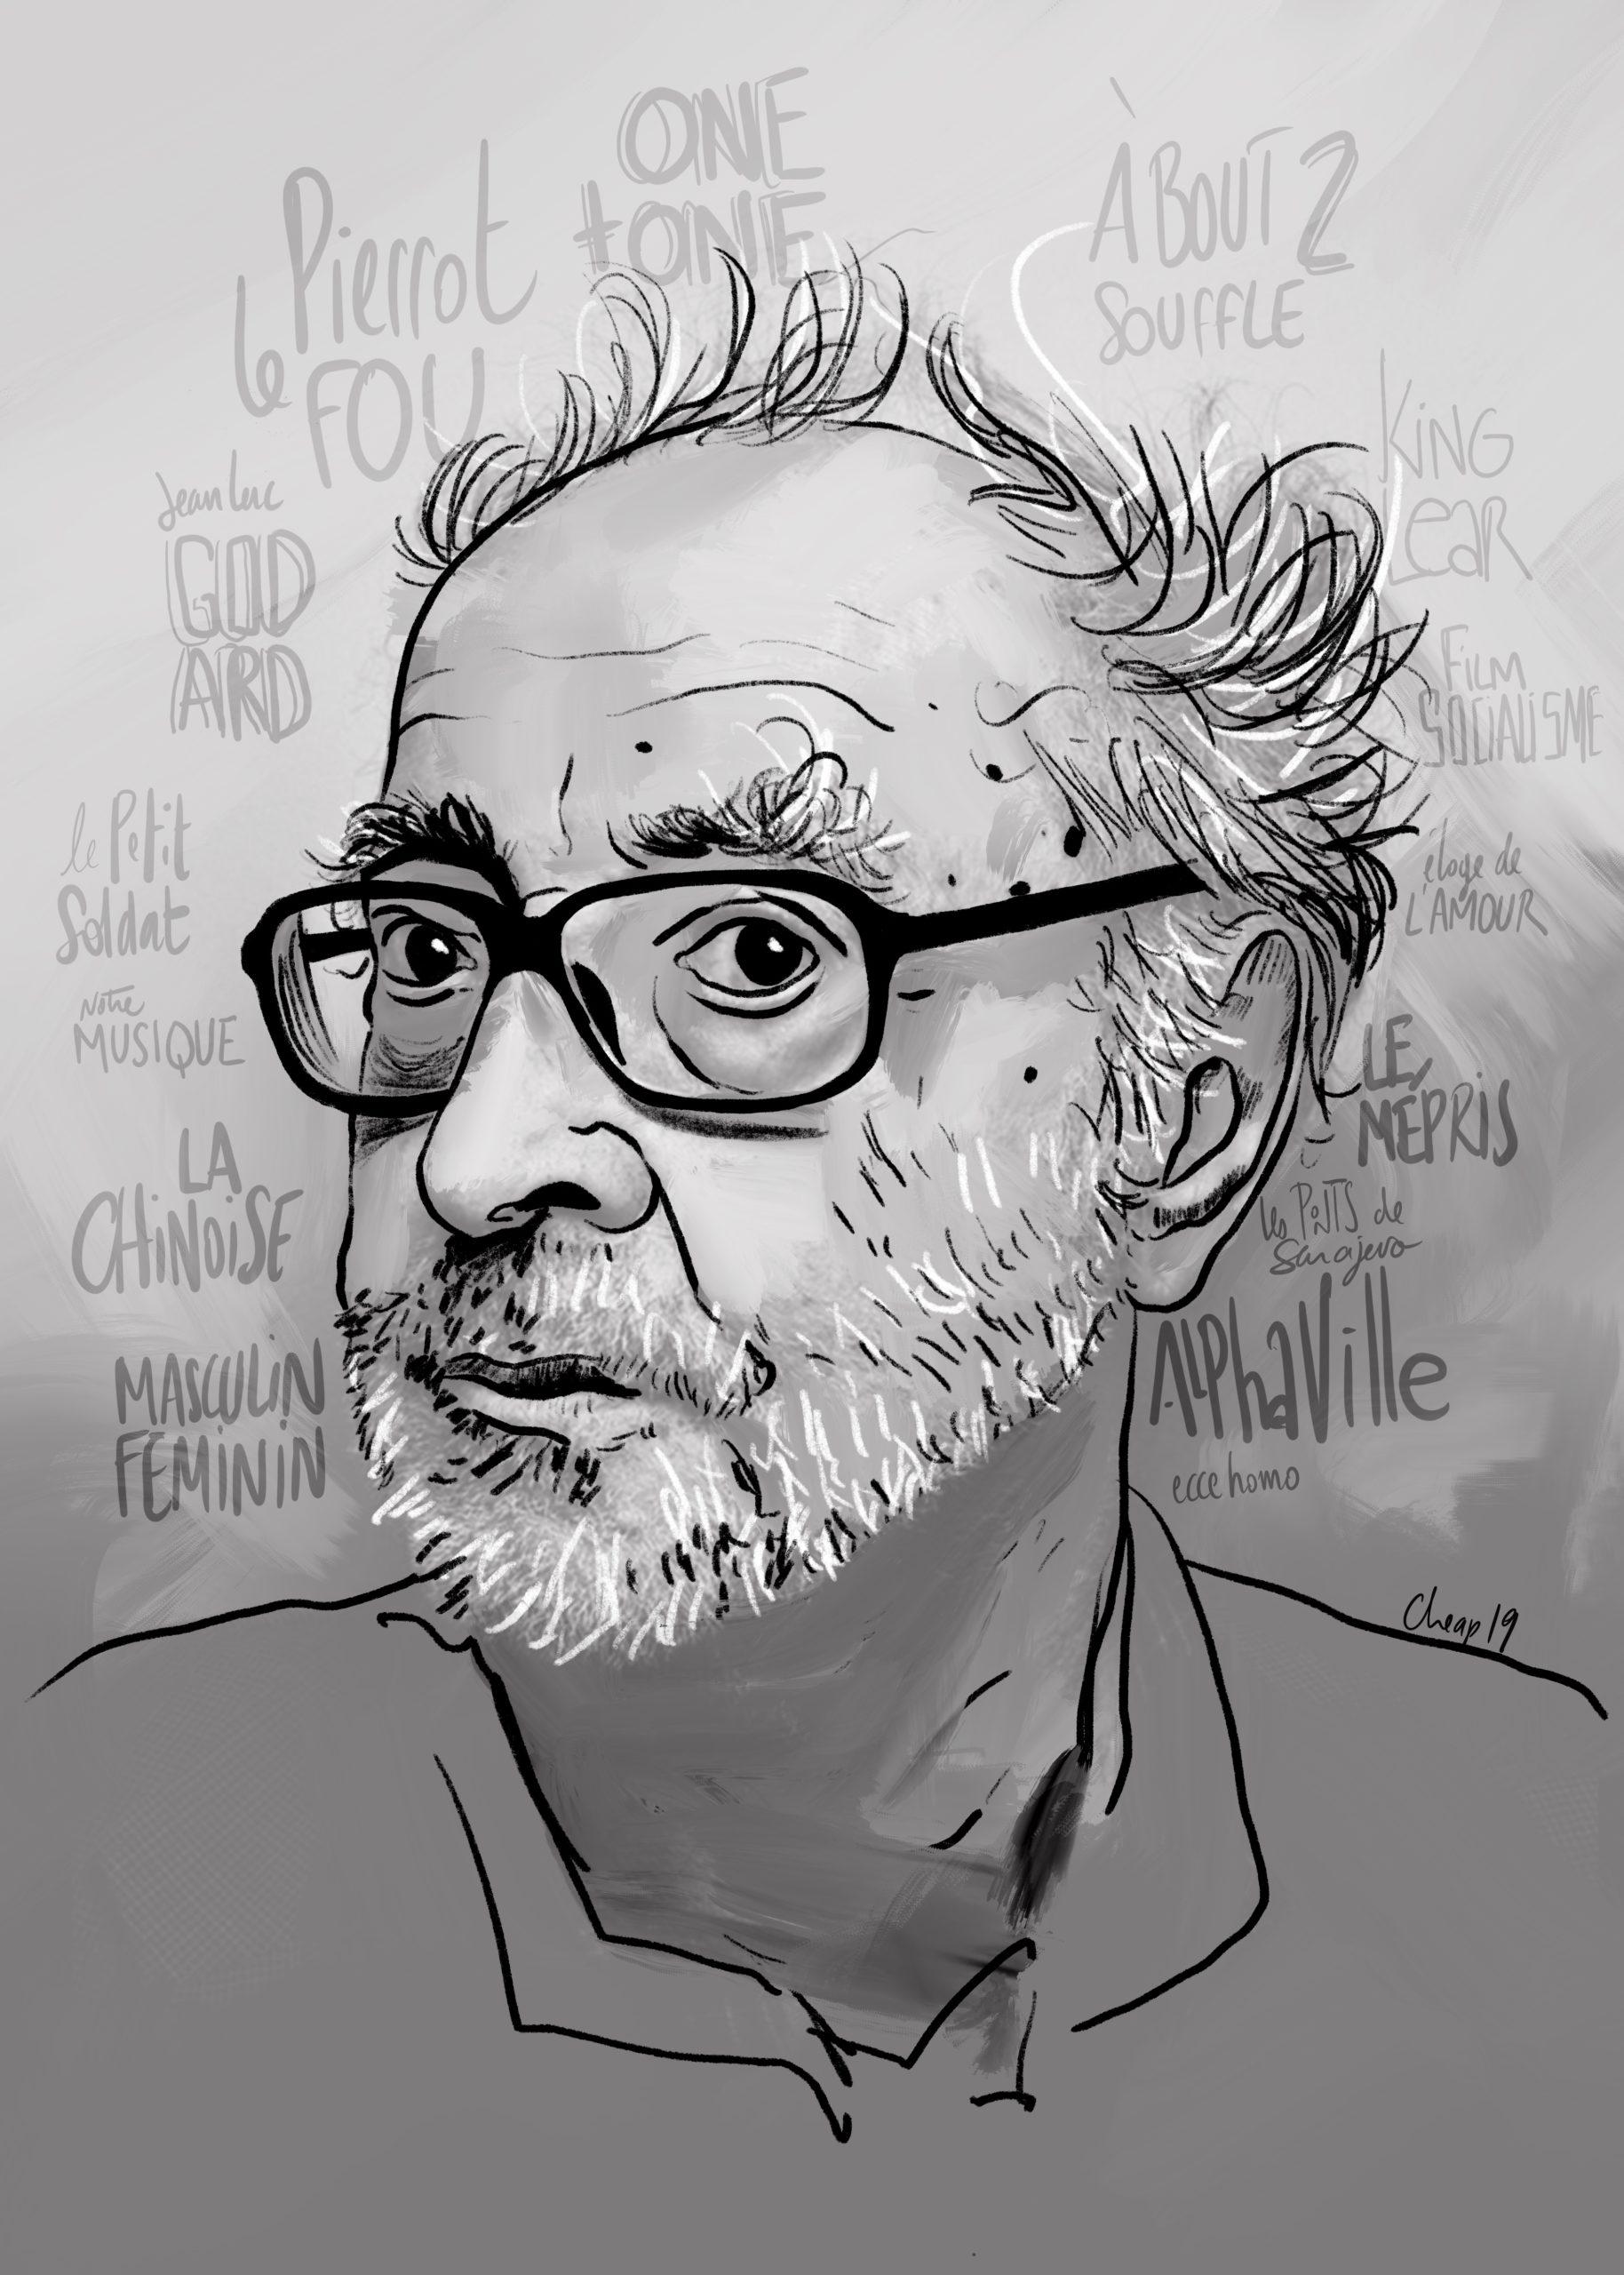 Godard - portrait